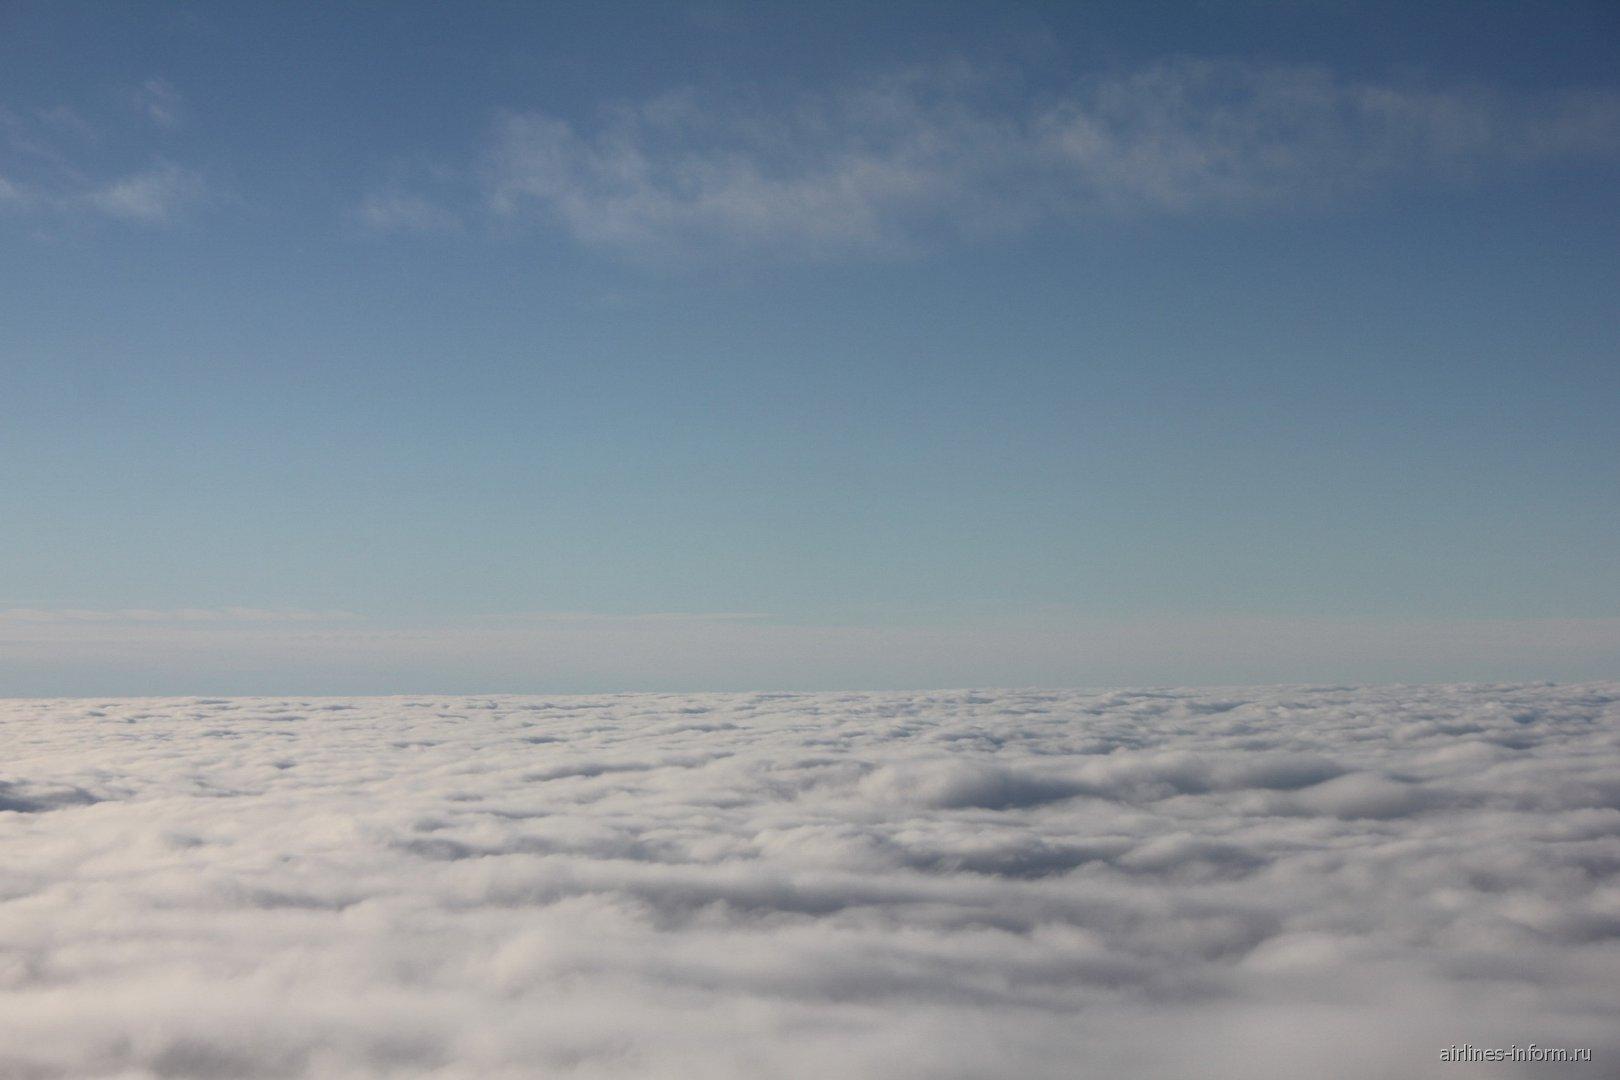 Слой облаков при наборе высоты